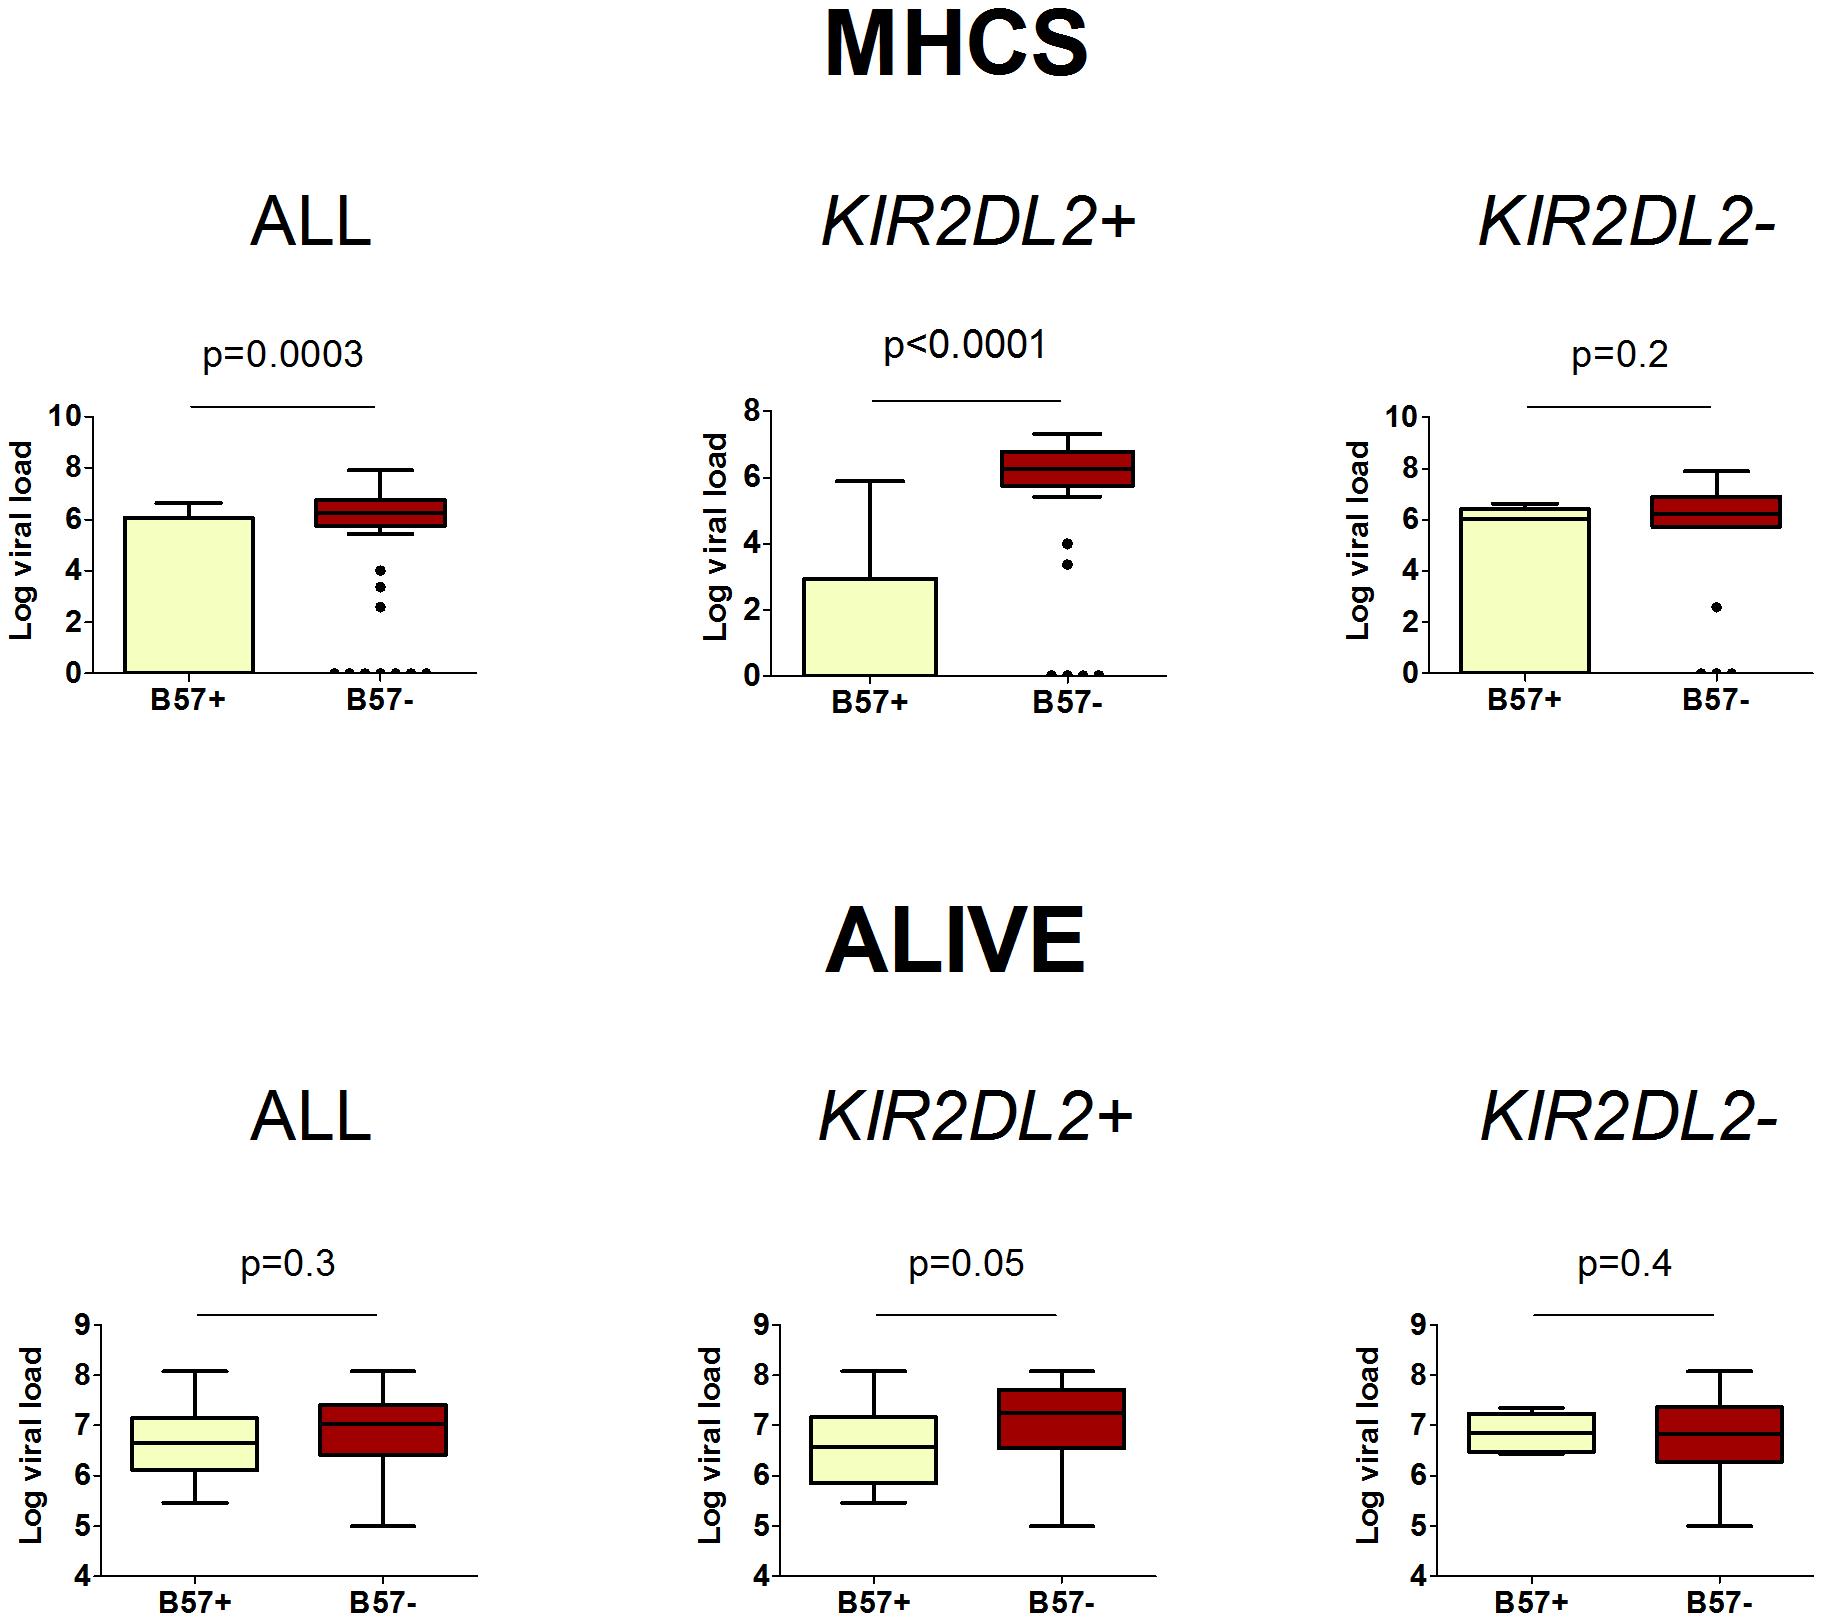 The impact of <i>HLA-B*57</i> and <i>KIR2DL2</i> on HCV viral load.